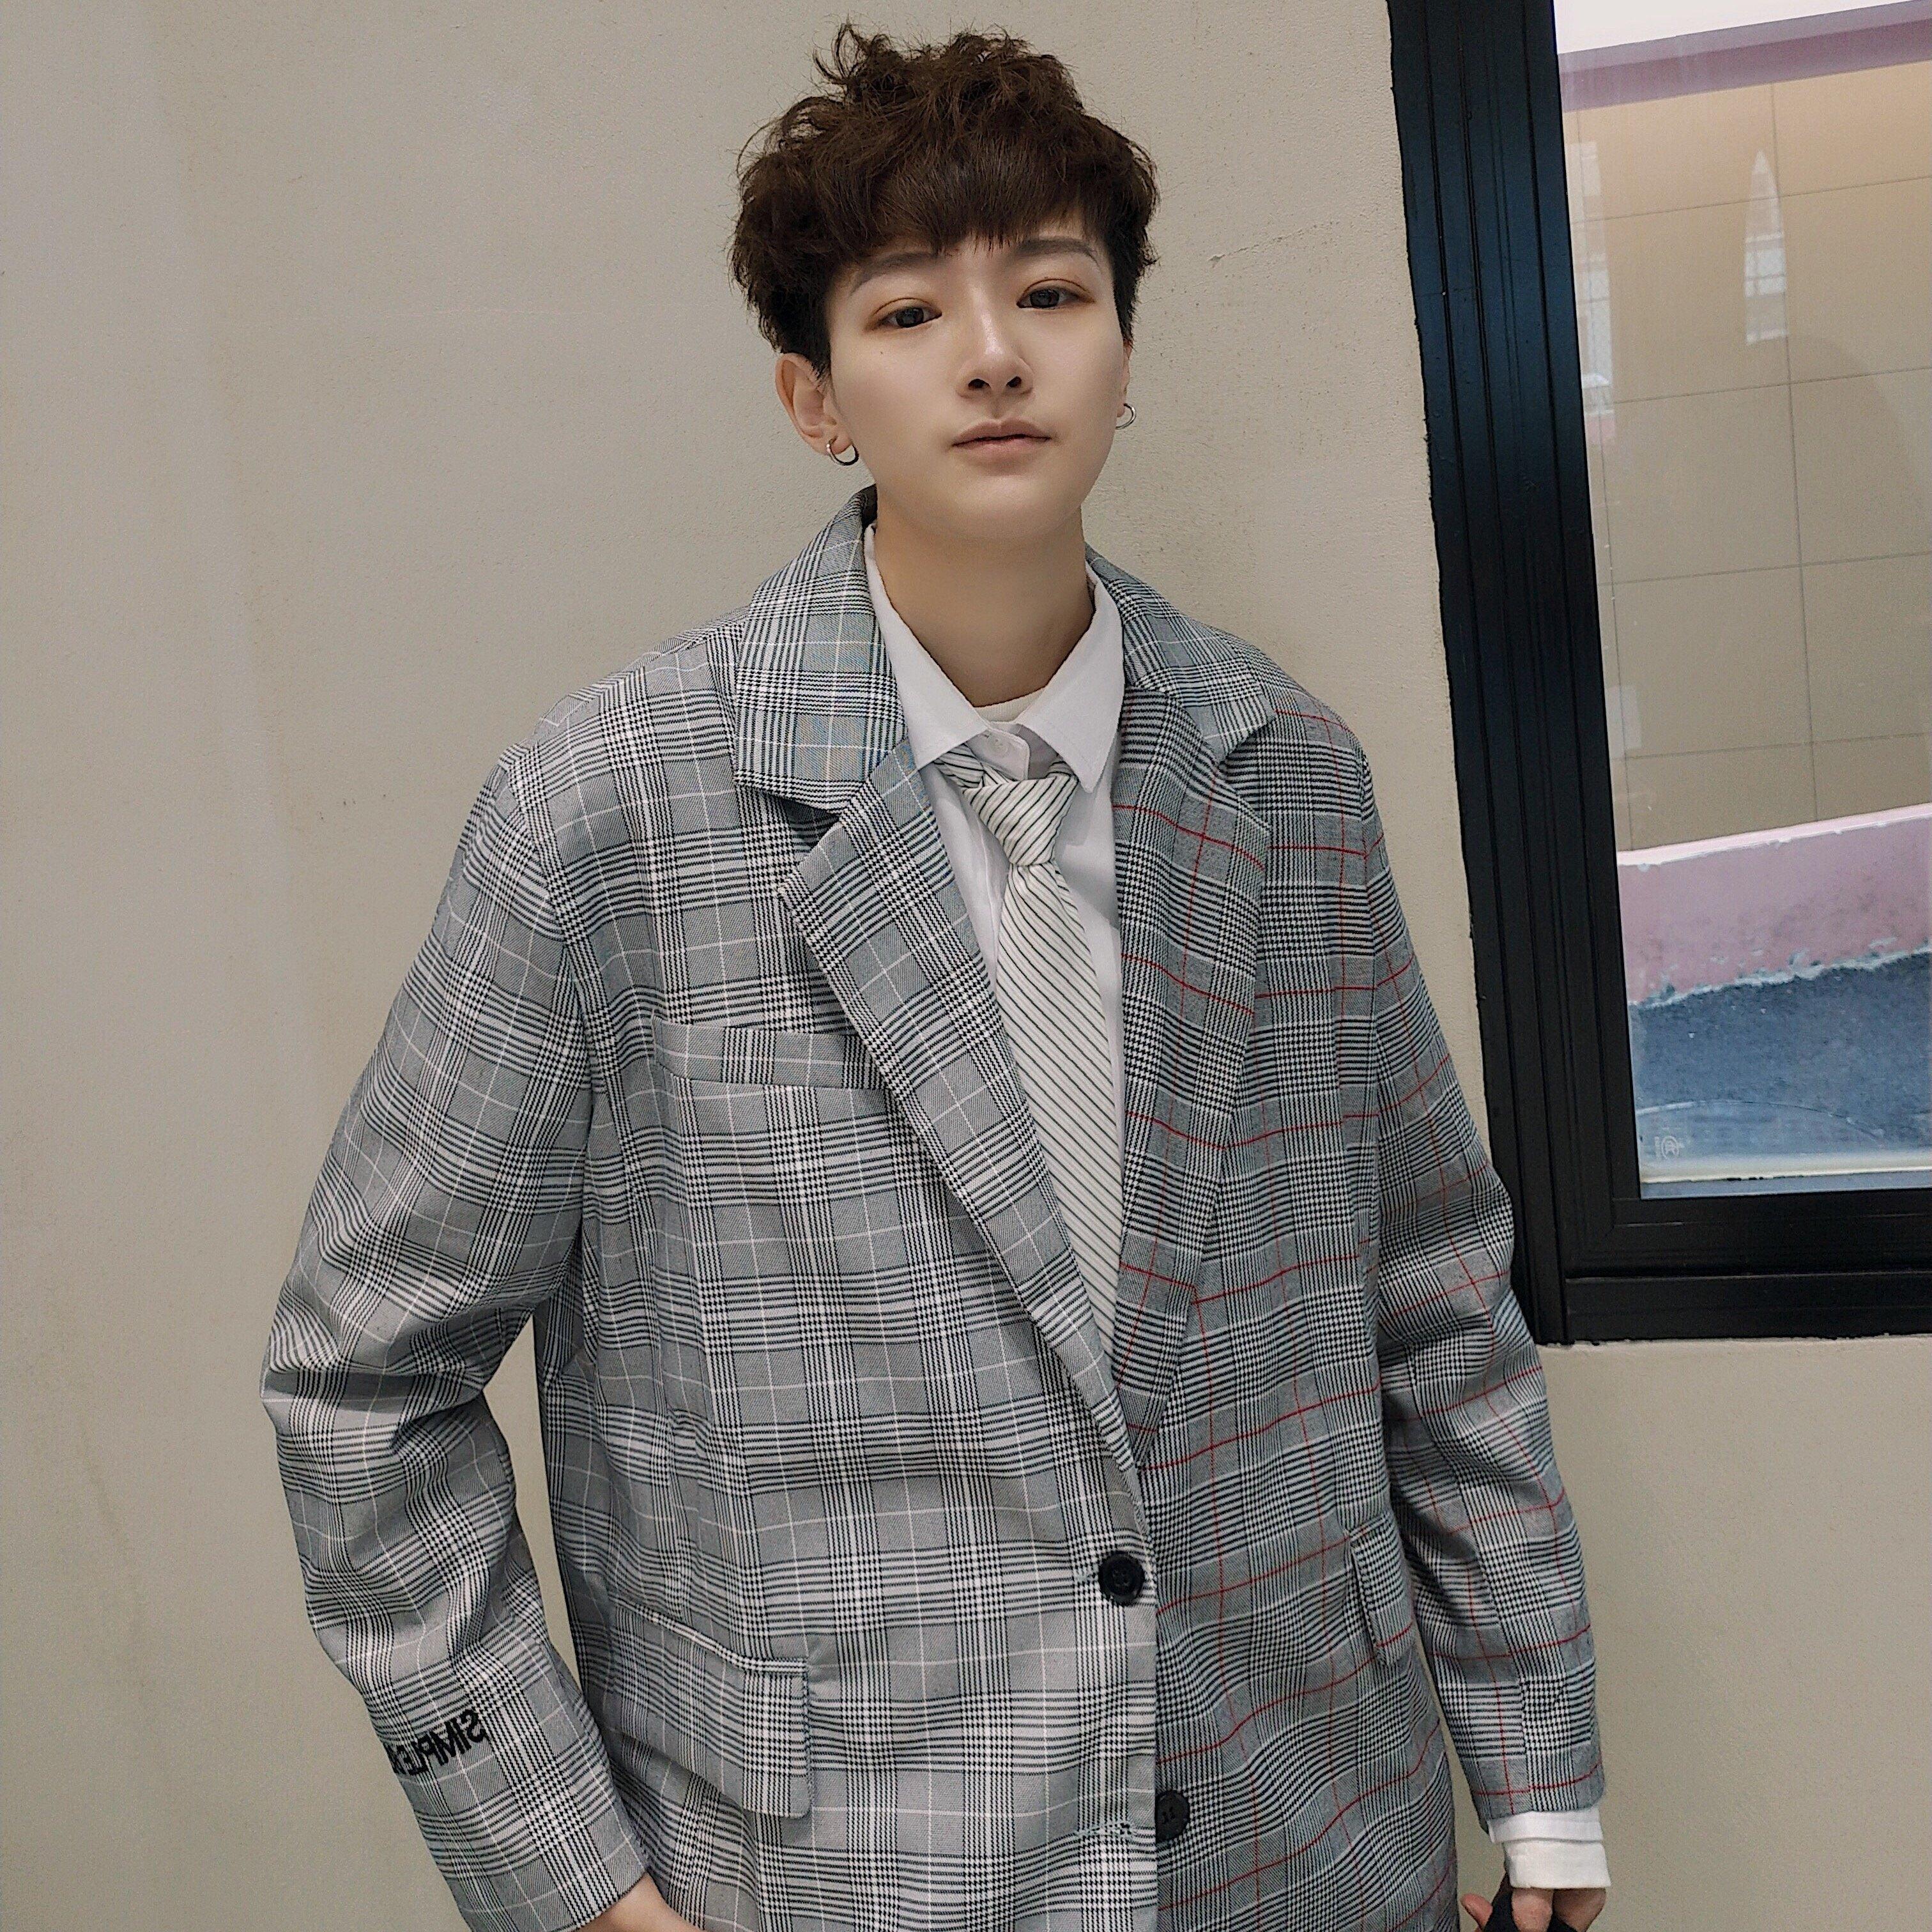 FINDSENSE品牌 韓國 格子 拼接 英倫 男 舒適修身 小西裝  西裝外套 單件外套